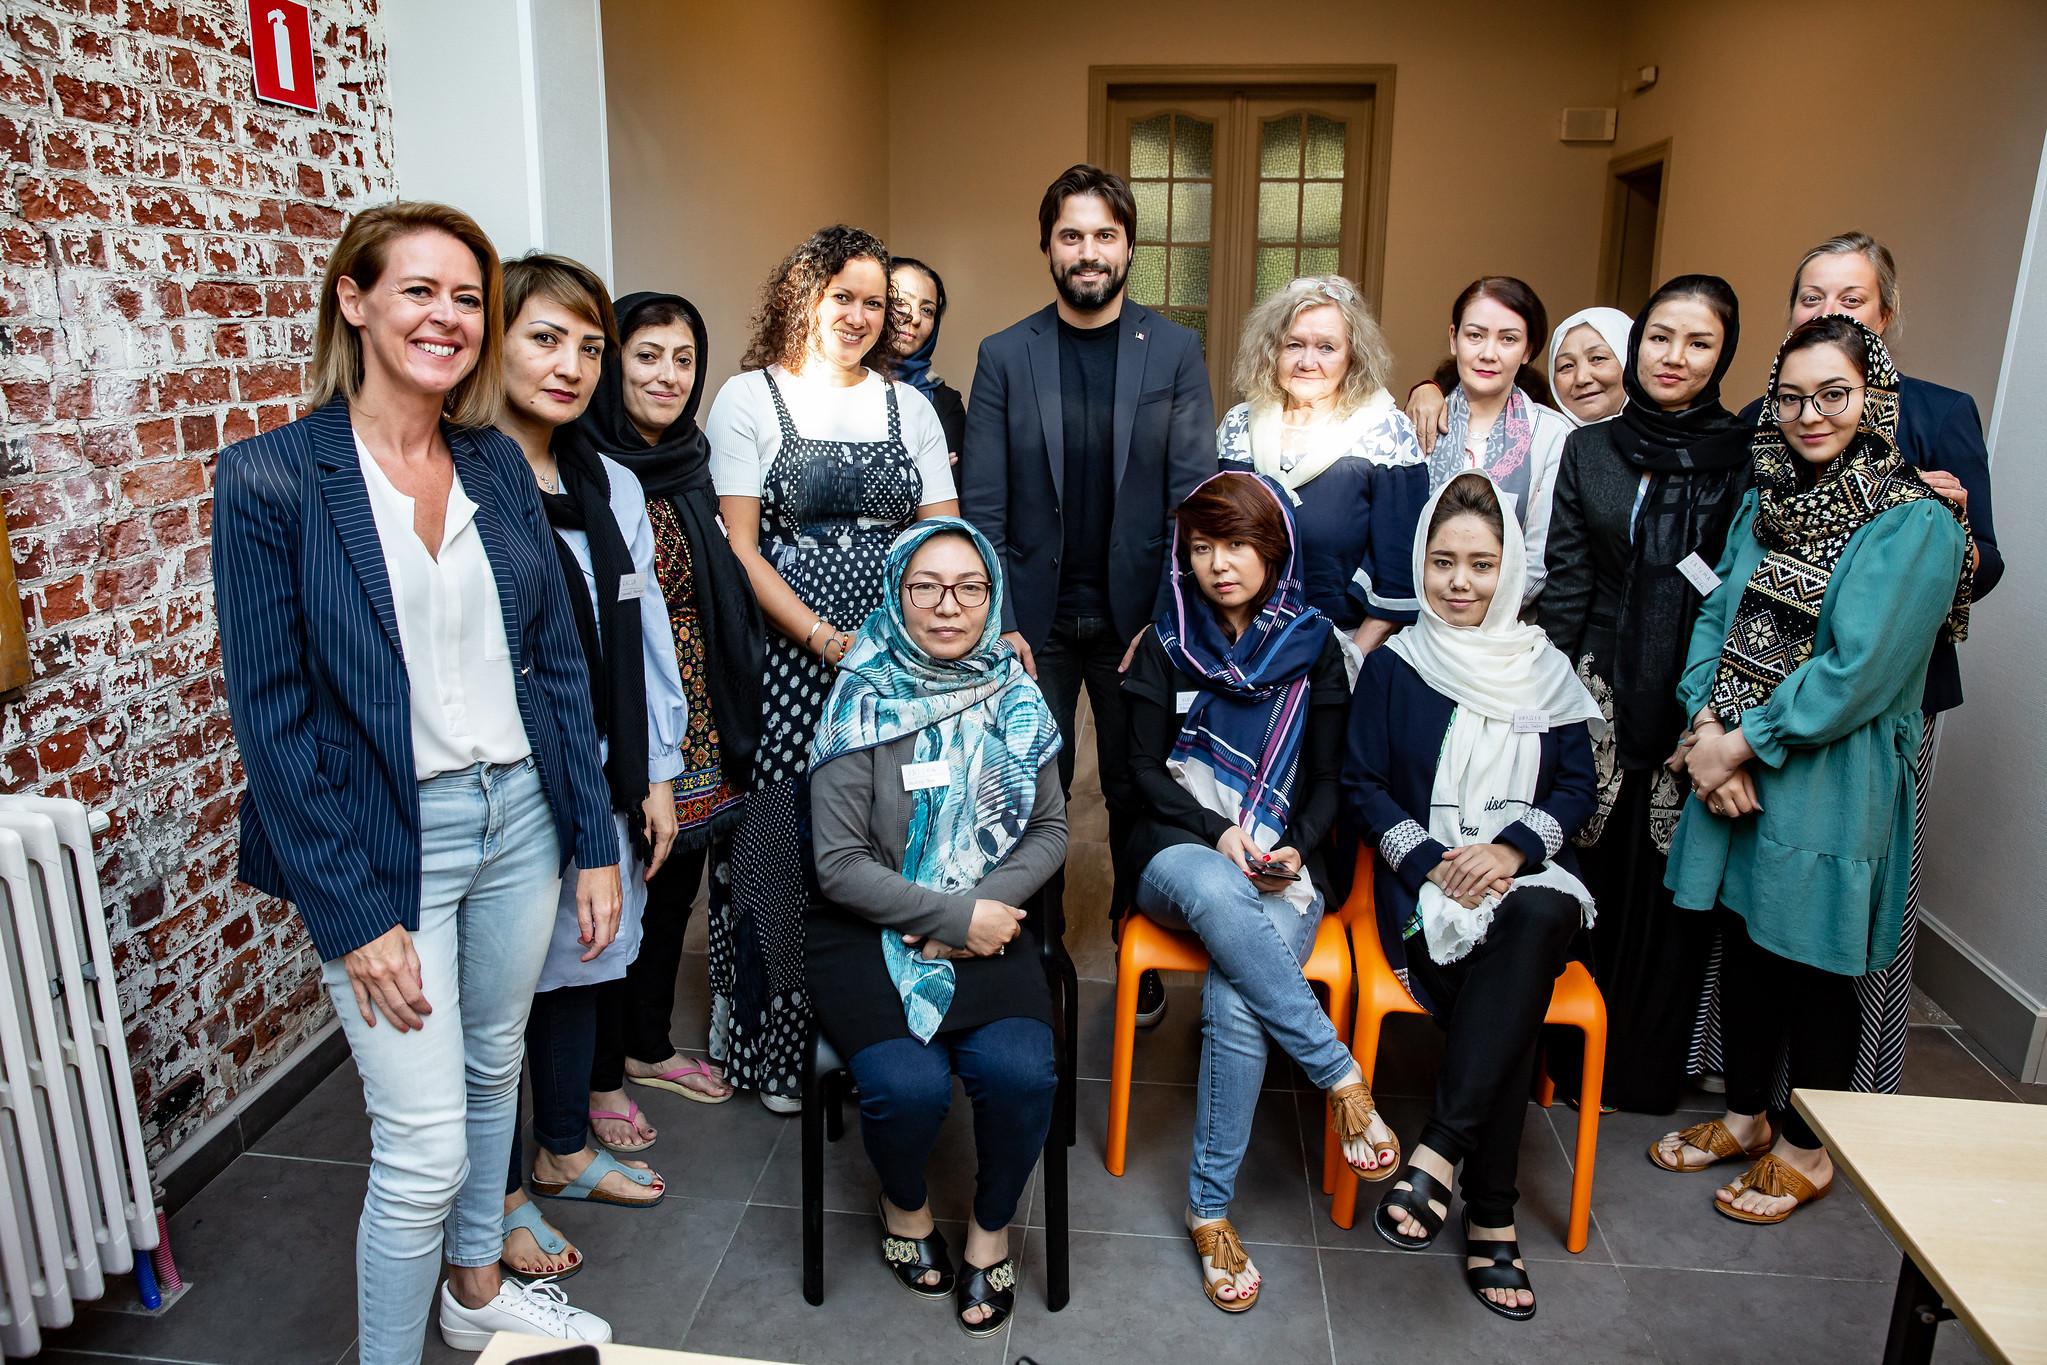 Rencontre avec des femmes réfugiées afghanes auprès de l'association Mothers for peace